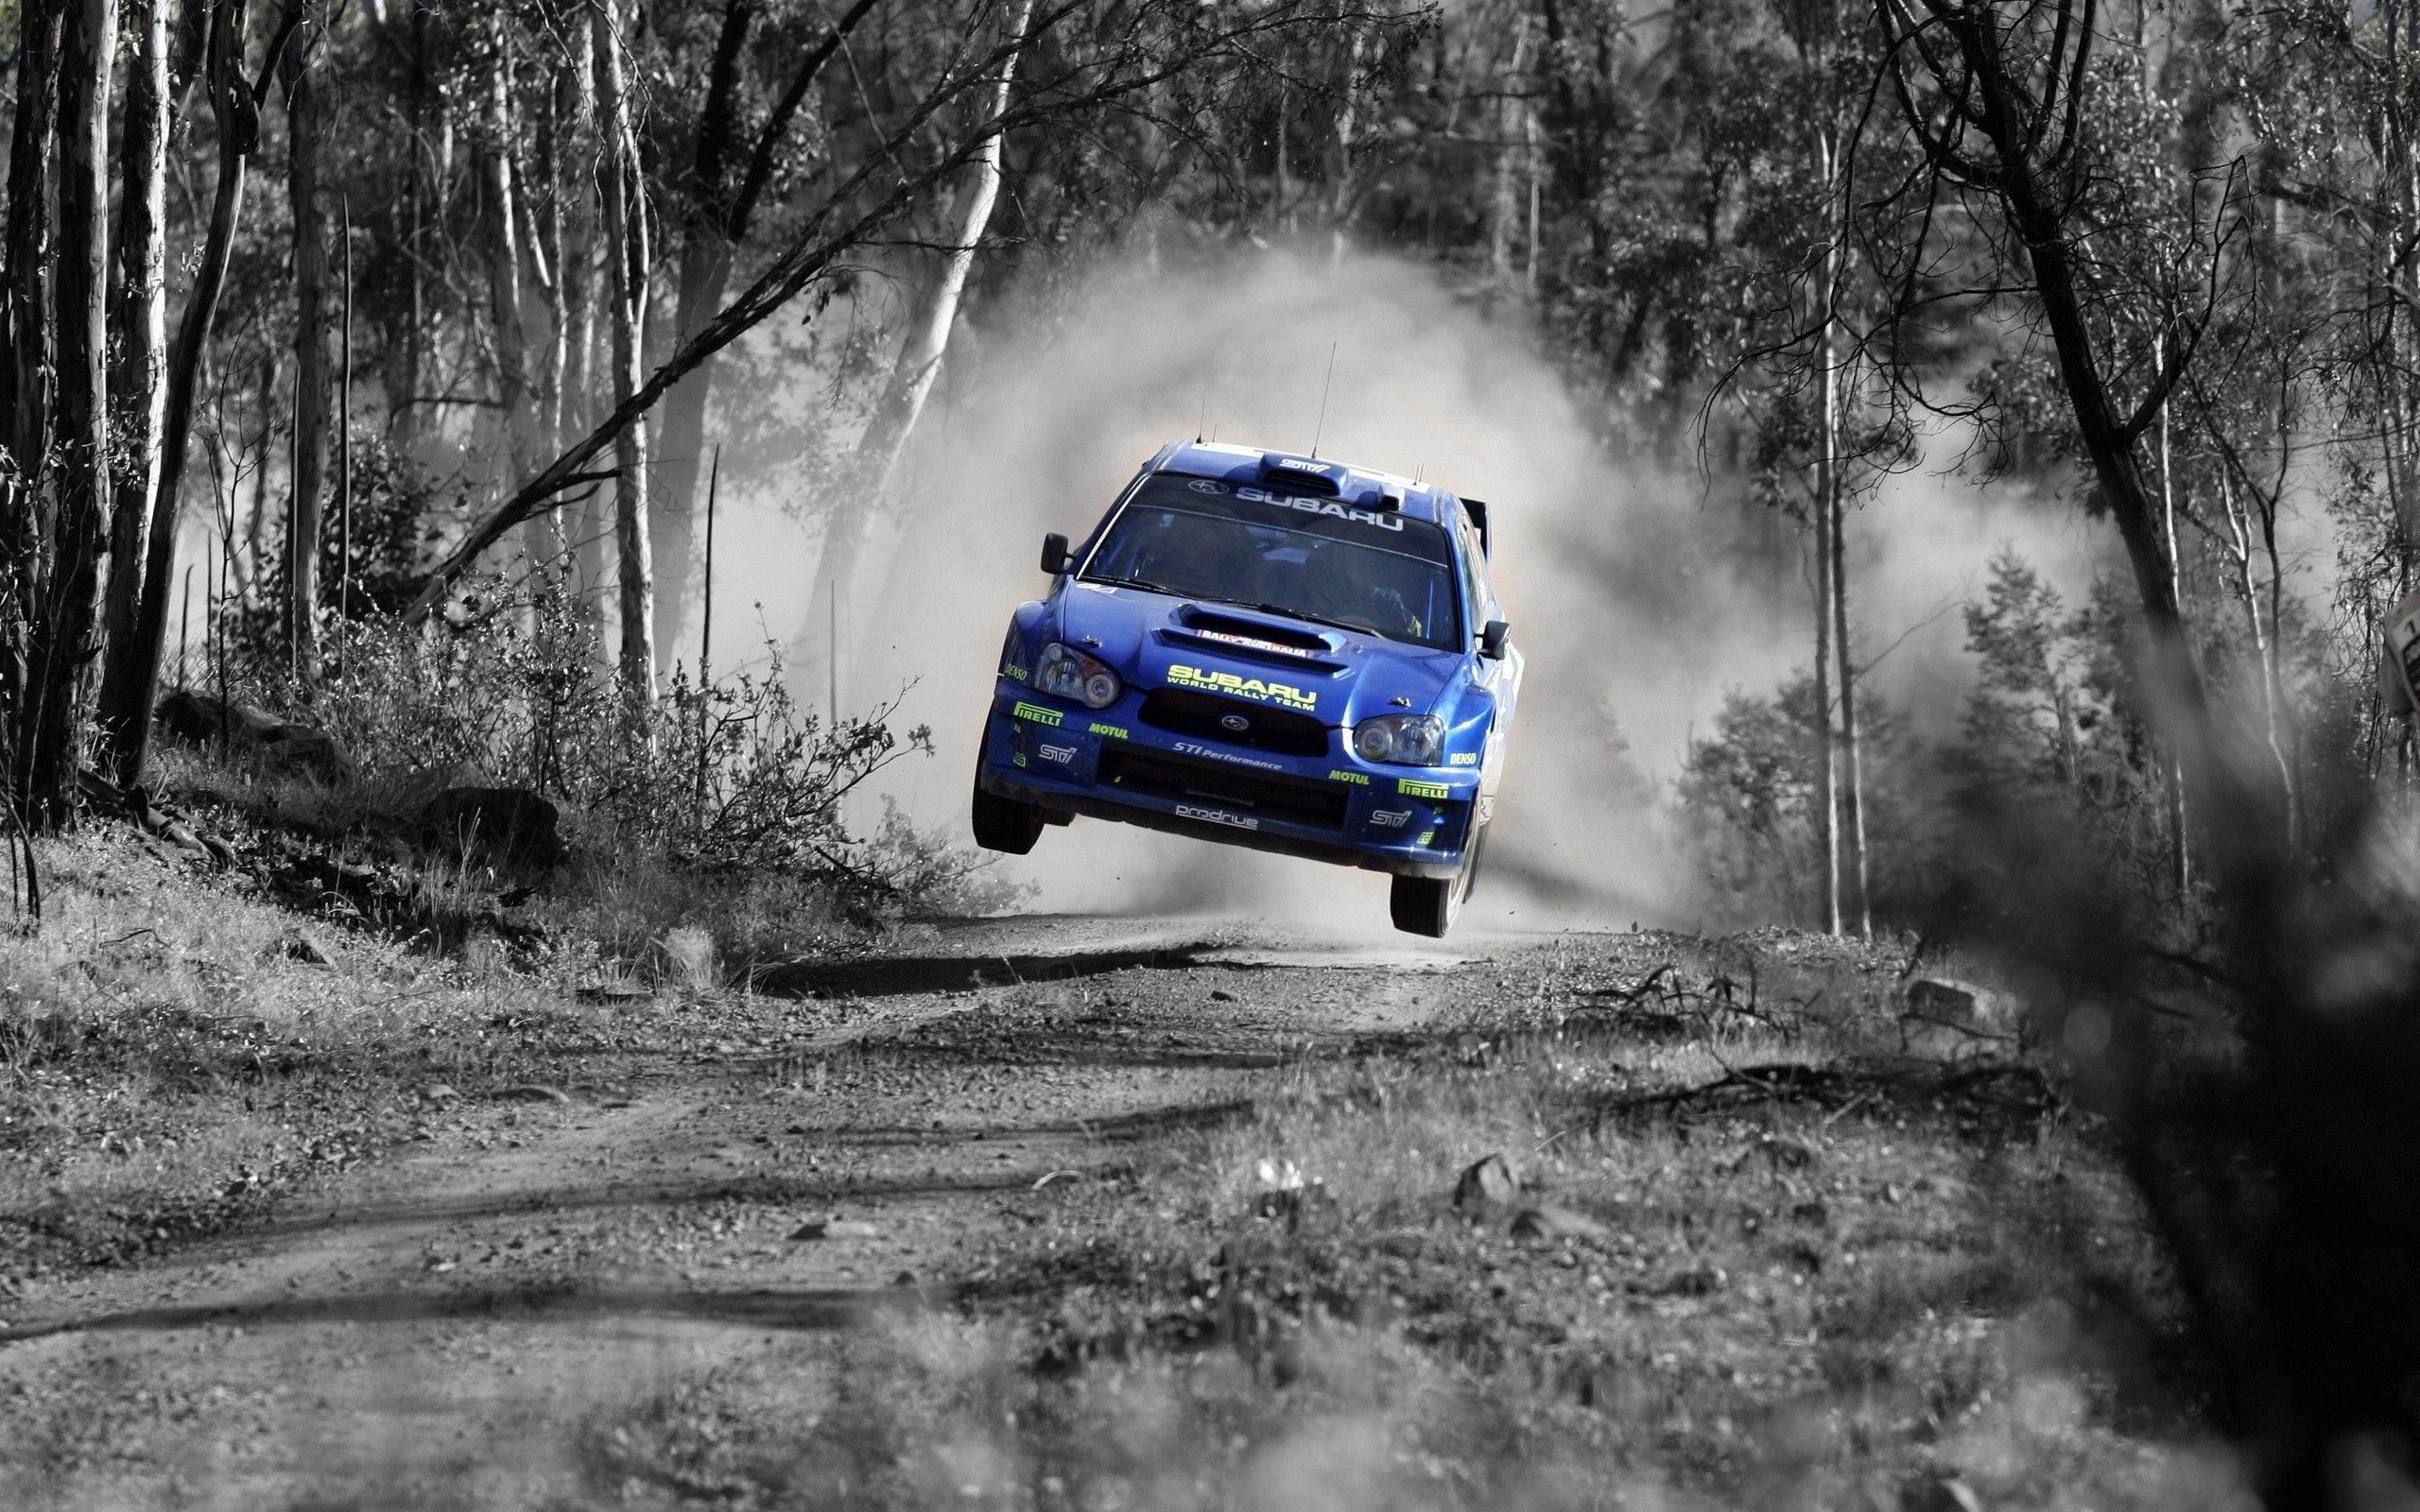 Subaru Rally Car Photo